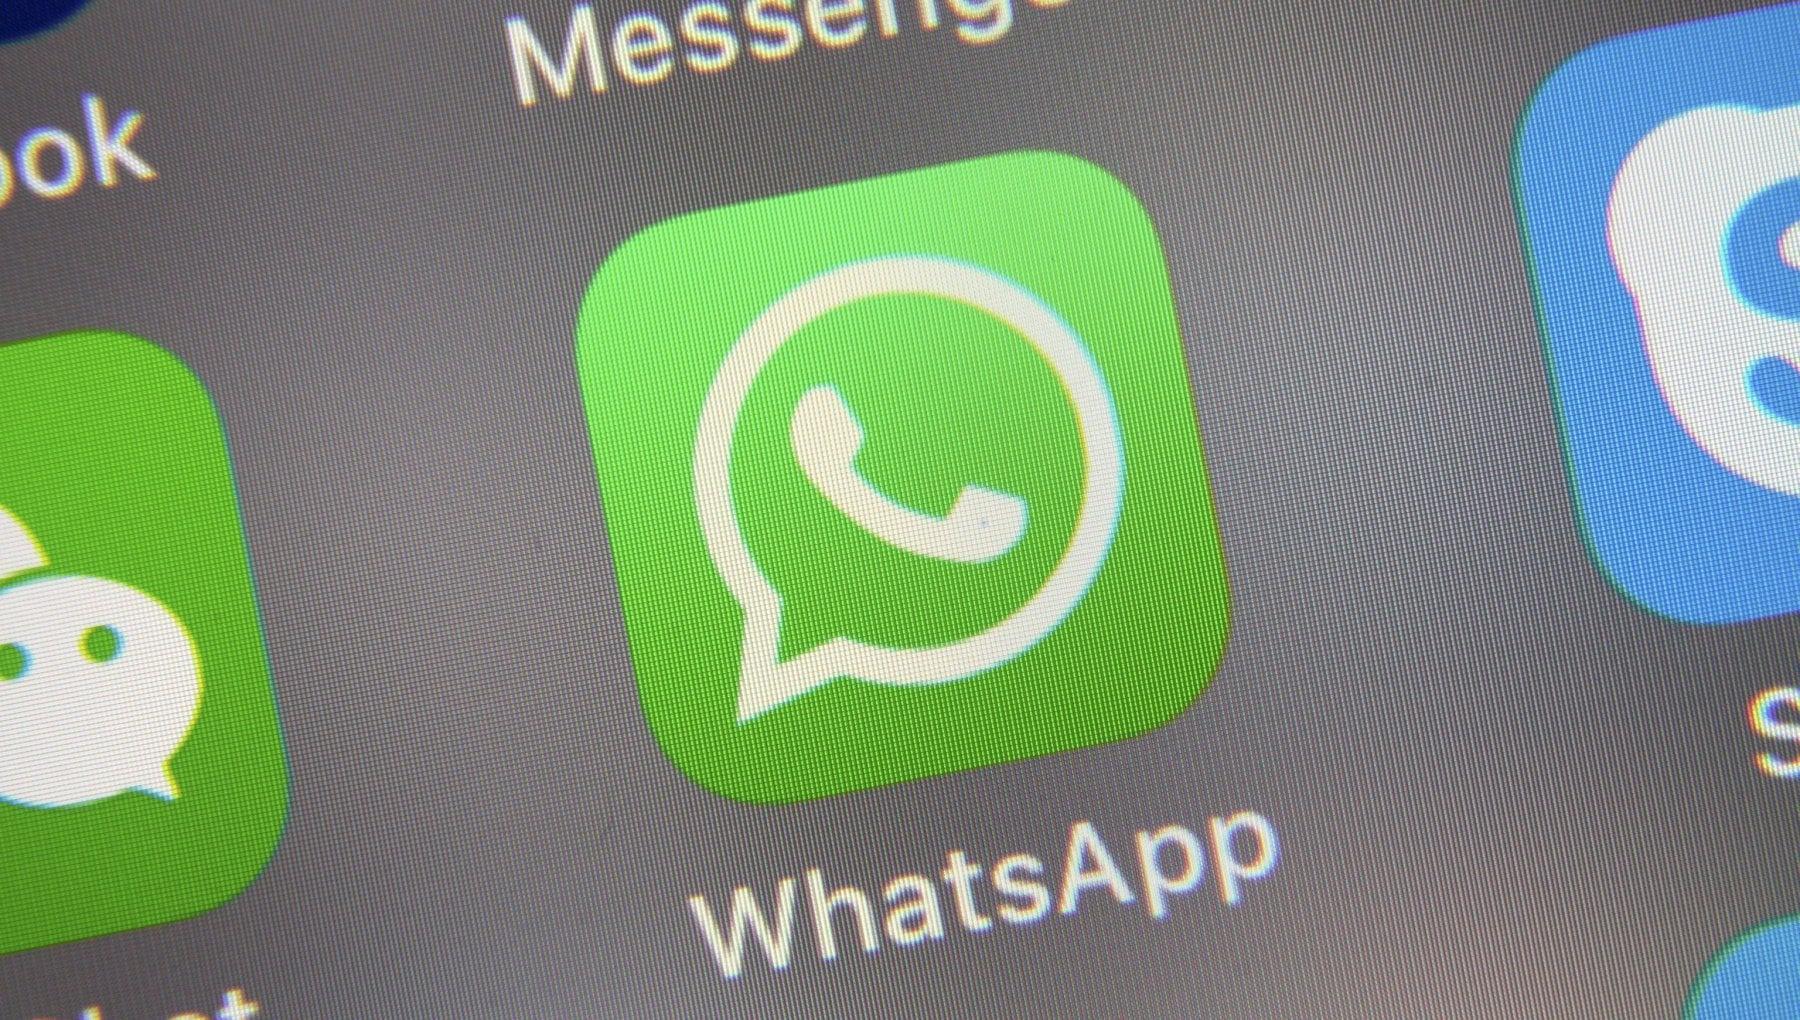 WhatsApp il Garante bacchetta la piattaforma Informativa poco chiara